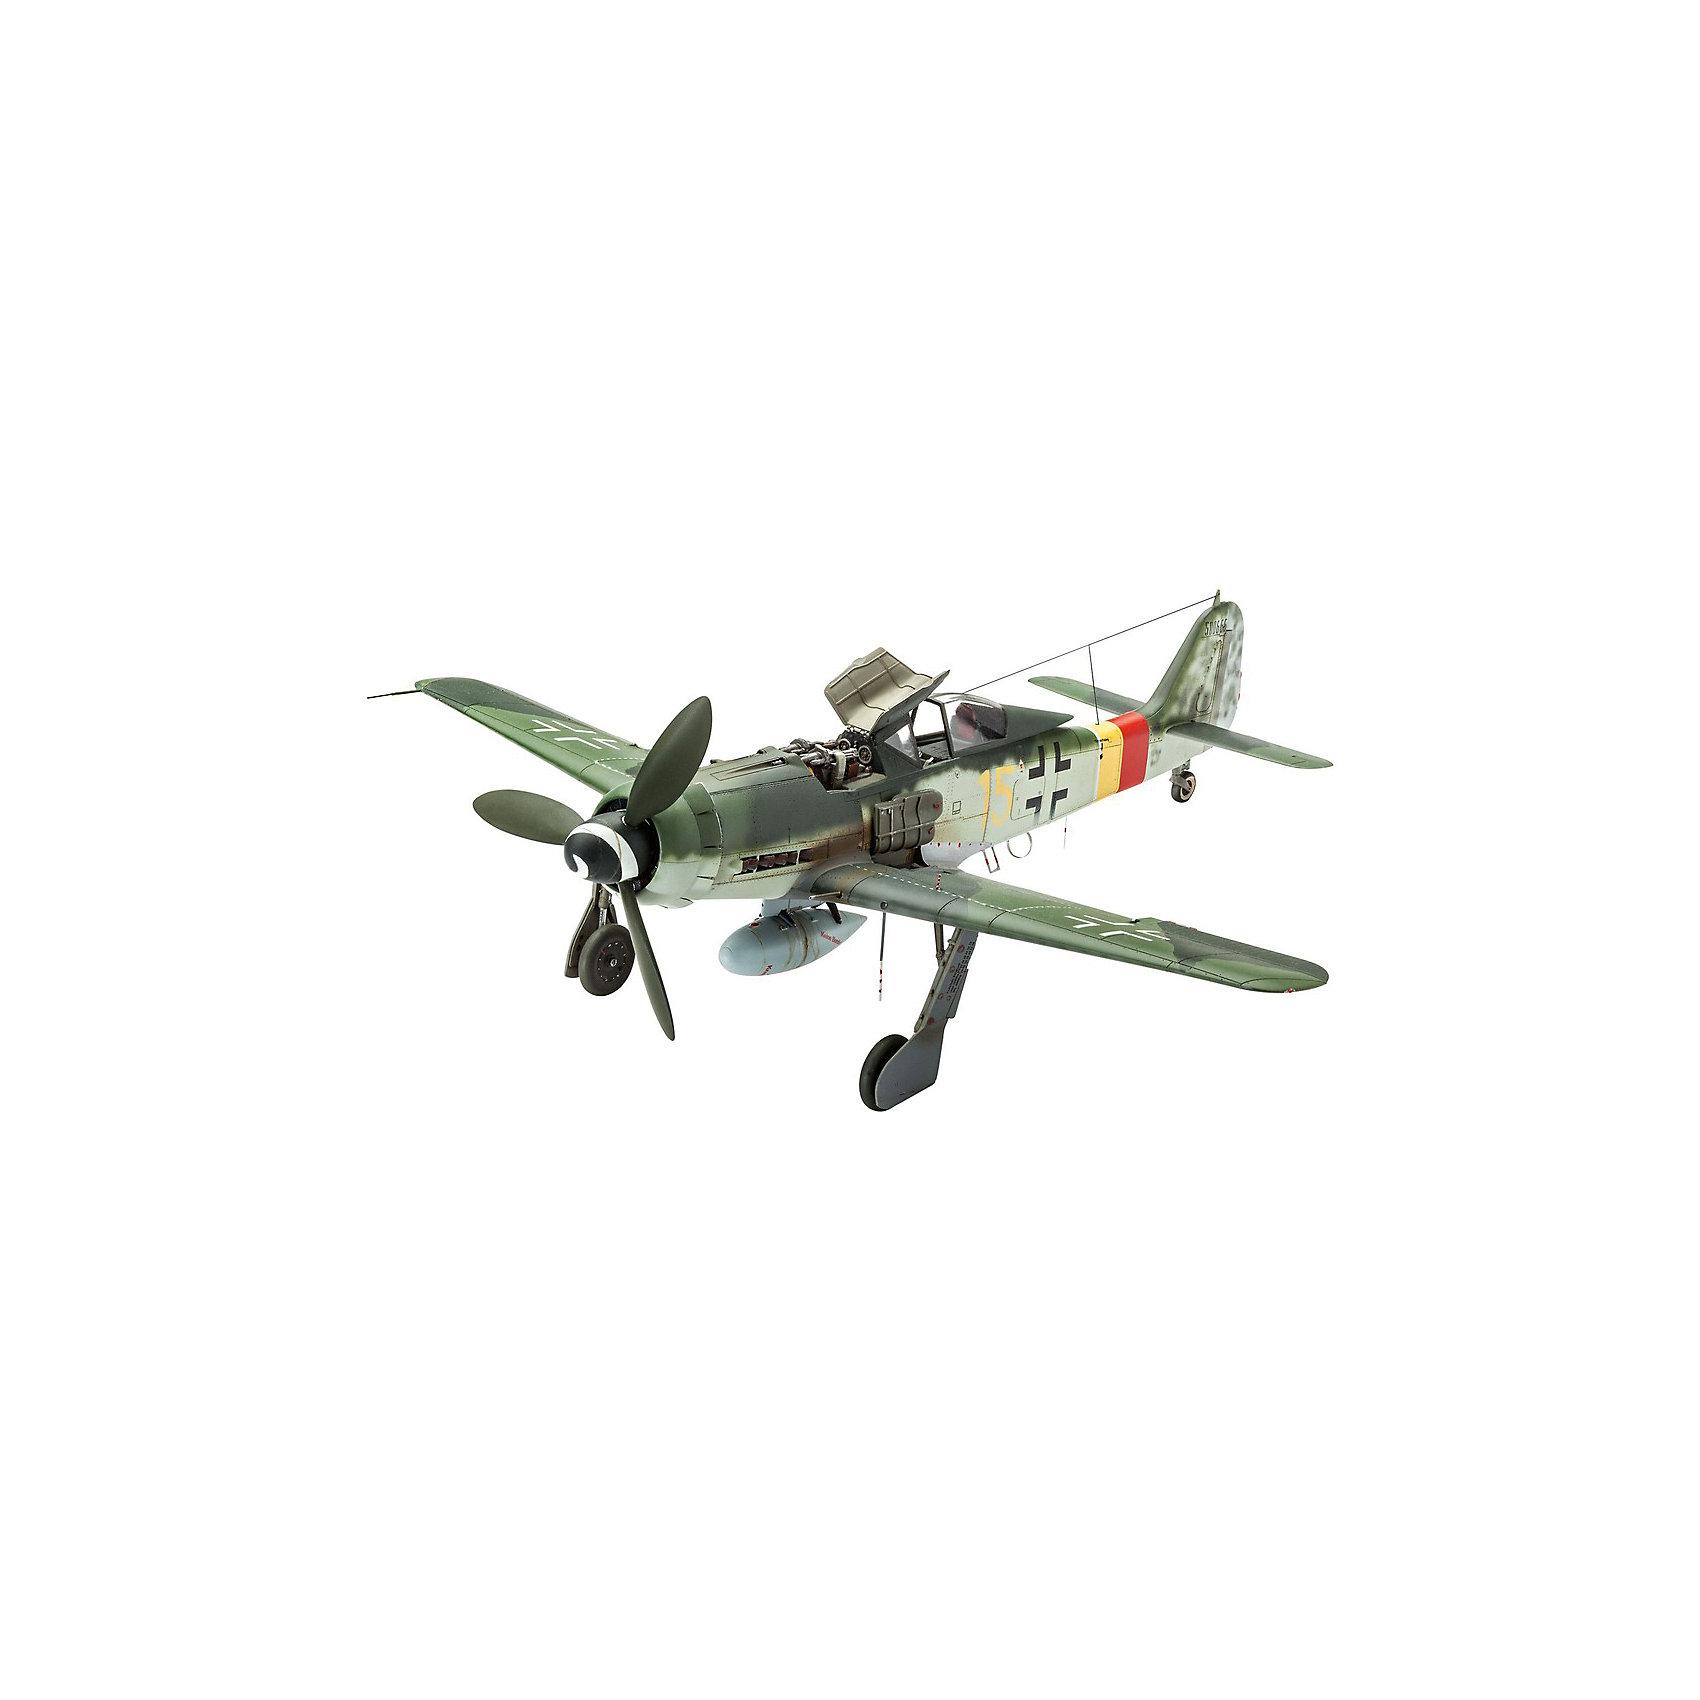 Немецкий истребитель Focke Wulf Fw 190 D-9Модели для склеивания<br>Сборная модель немецкого самолета Focke Wulf Fw 190 D-9 в масштабе 1:48. Этот истребитель использовался ВВС Германии на заключительных этапах Второй мировой войны. <br>Модель собирается из 144 деталей. Длина модели 21,5 см, размах крыльев 20 см. <br>В наборе вы найдете декаль для следующих вариантов самолета: <br>- Focke Wulf 190 D-9, Werknr. 500666, II./JG 301, Erfurt-Nord, Май 1945 <br>- Focke Wulf 190 D-9, Werknr. 210194, I./JG 2, Aachen, 1 января 1945 <br>Внимание! В комплект не входят инструменты и расходные материалы (краски и клей). Они приобретаются отдельно. <br>Для взрослых моделистов и детей от 14 лет.<br><br>Ширина мм: 9999<br>Глубина мм: 9999<br>Высота мм: 9999<br>Вес г: 9999<br>Возраст от месяцев: 168<br>Возраст до месяцев: 2147483647<br>Пол: Мужской<br>Возраст: Детский<br>SKU: 7122368